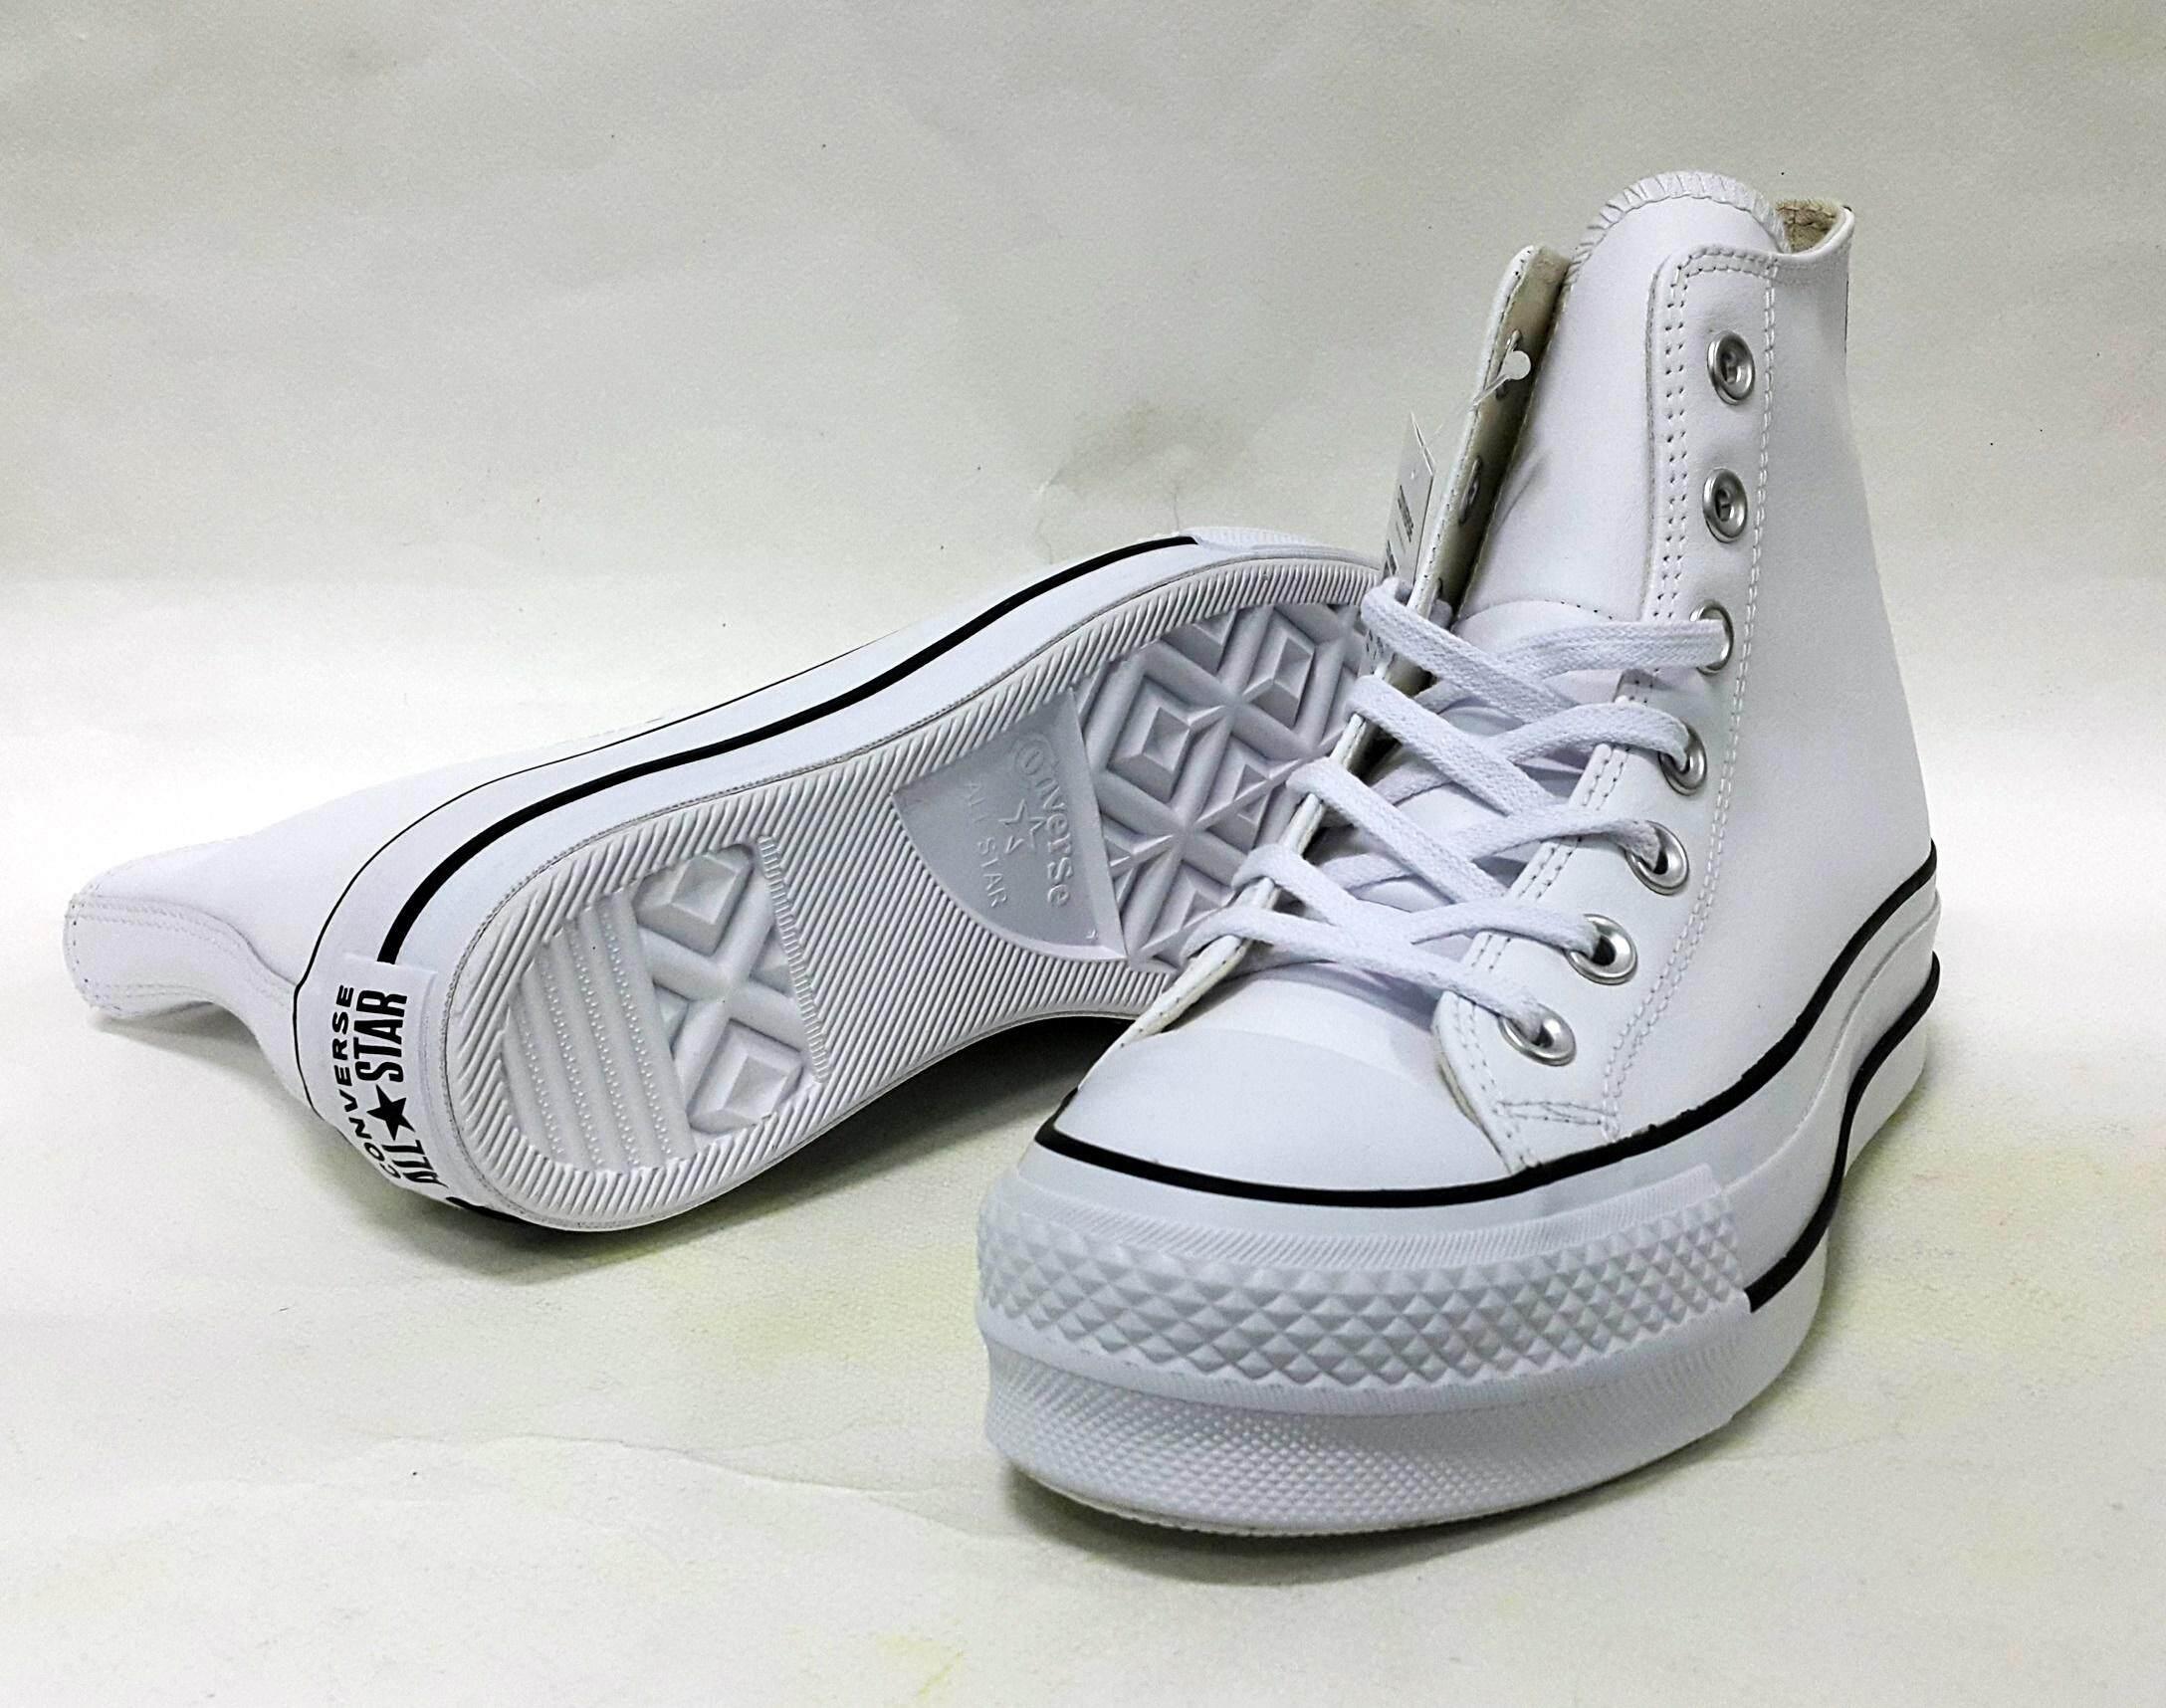 สงขลา รองเท้าหนัง แท้ converse หุ้มข้อ CHUCK TAYLOR ALL STAR LIFT CLEAN  รุ่น 561676